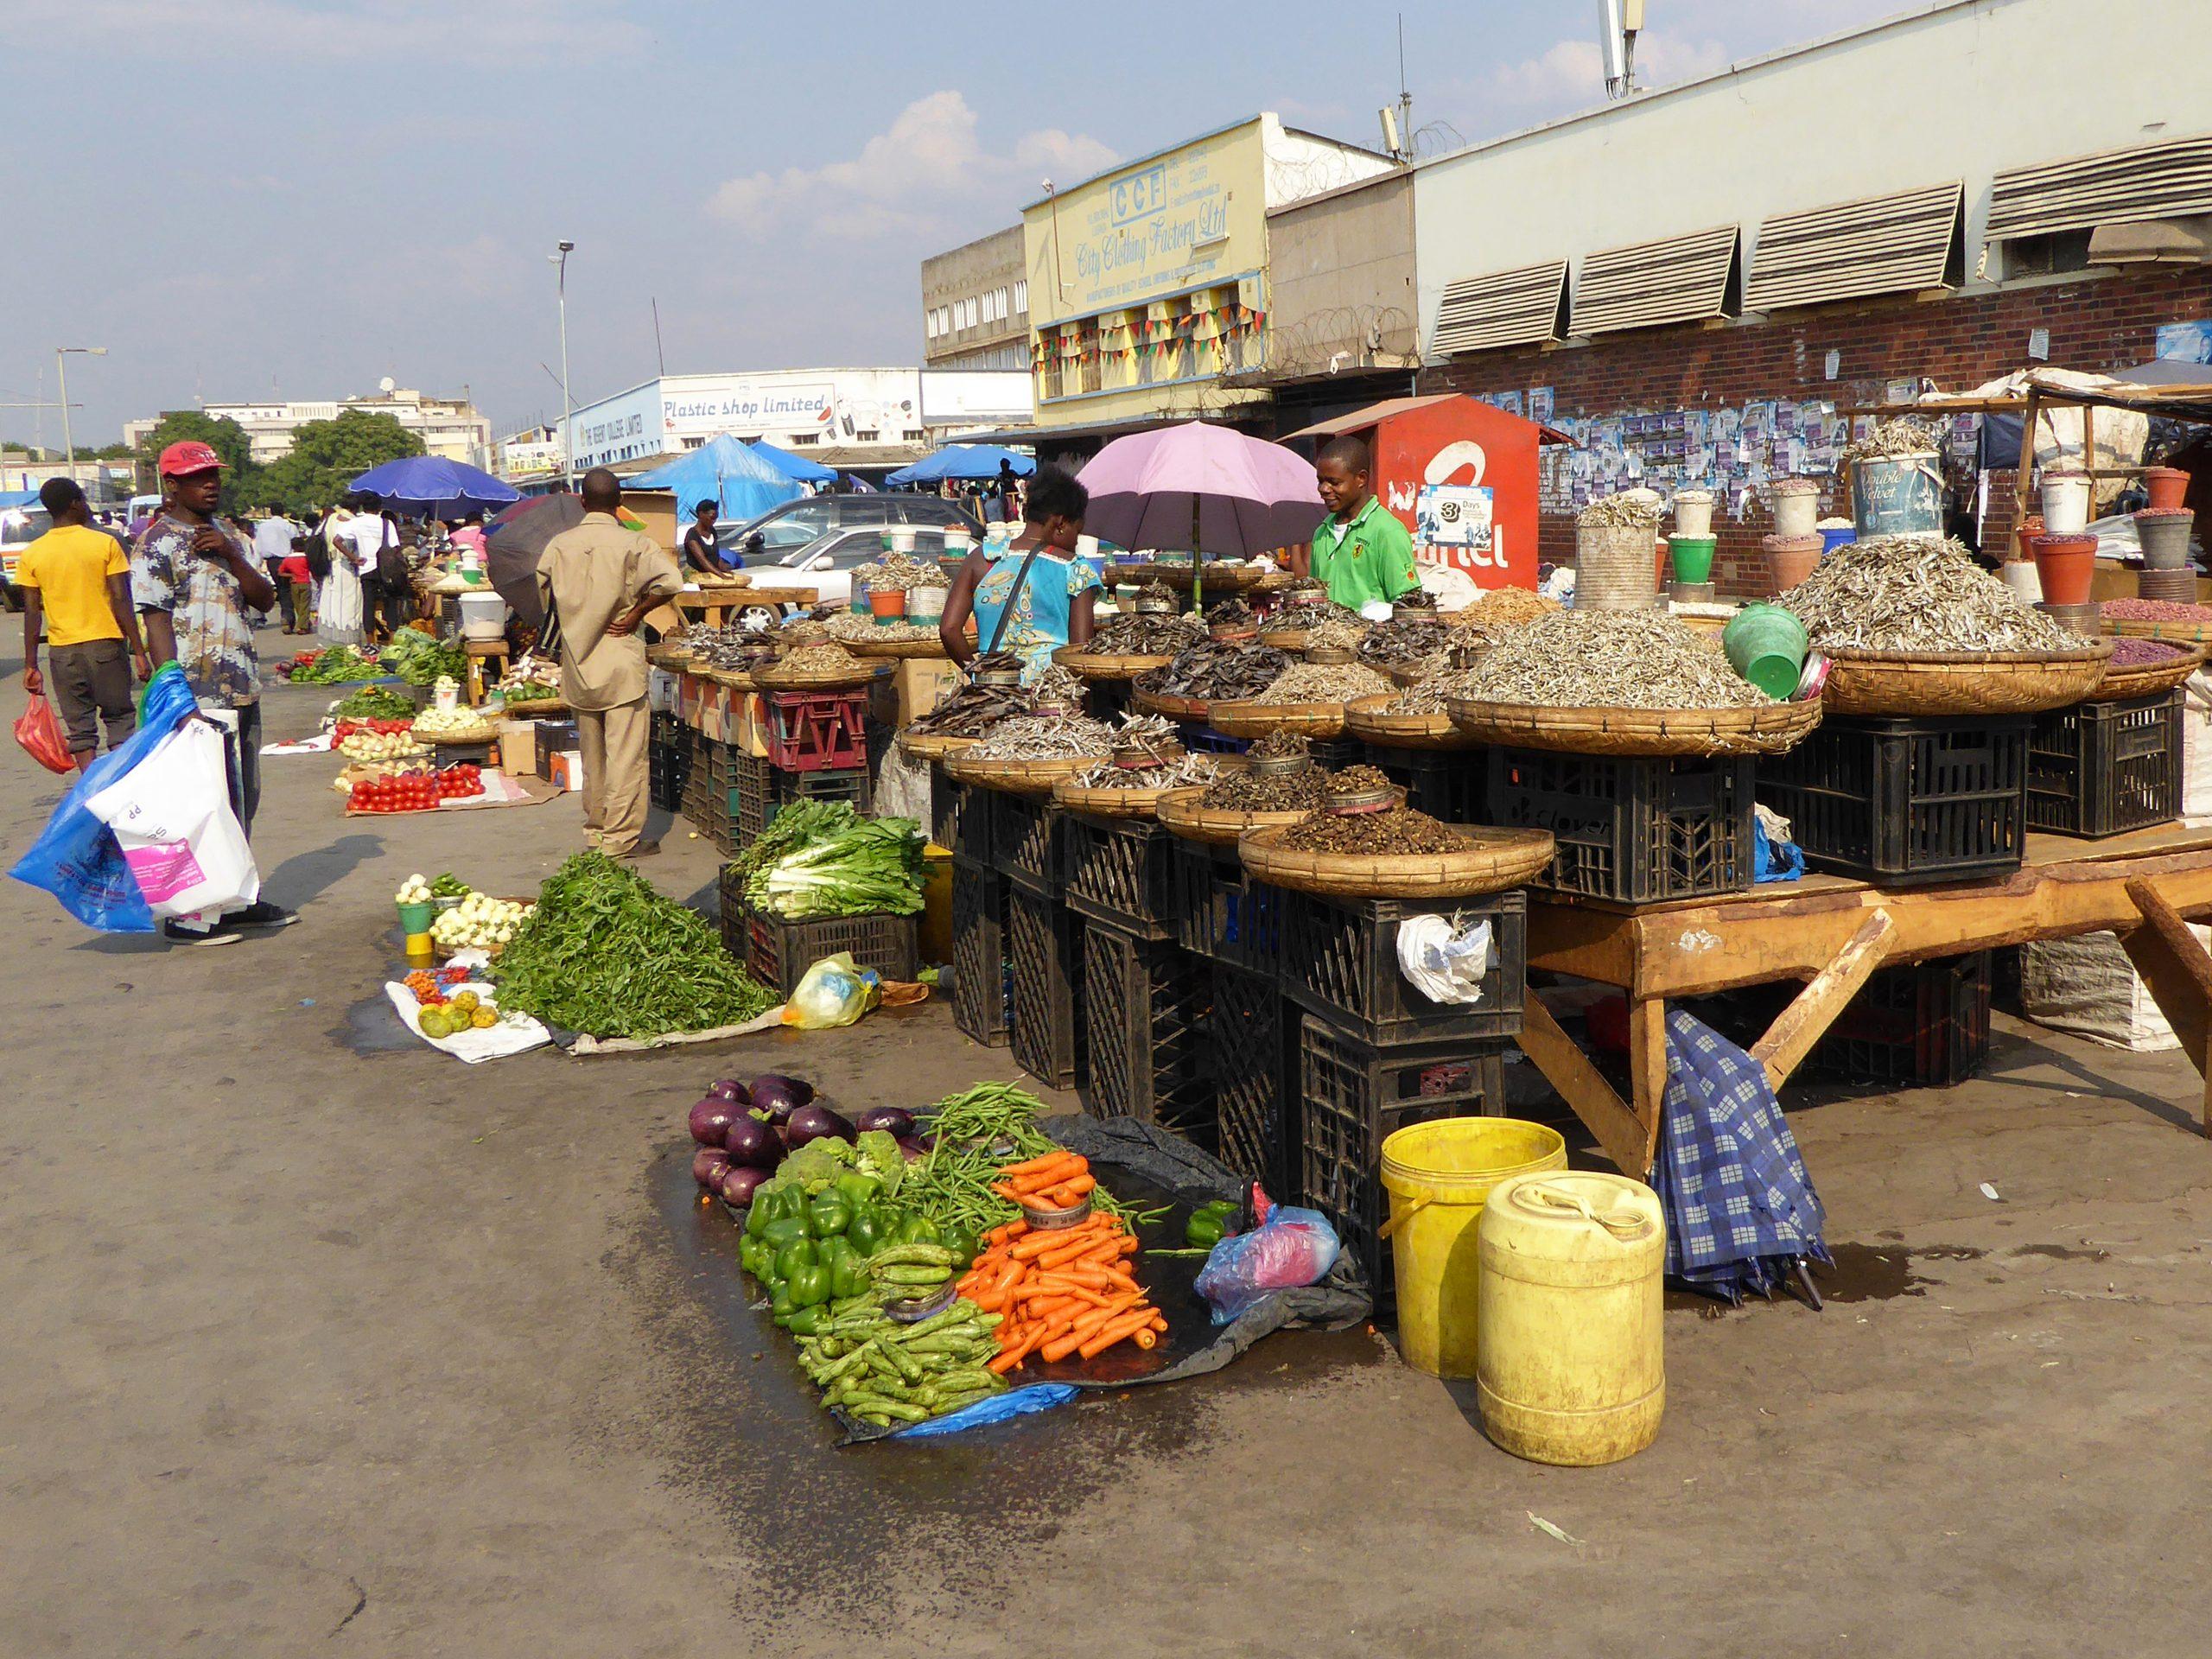 Radreise Afrika 2014 - Gemüse auf dem Markt in Lusaka